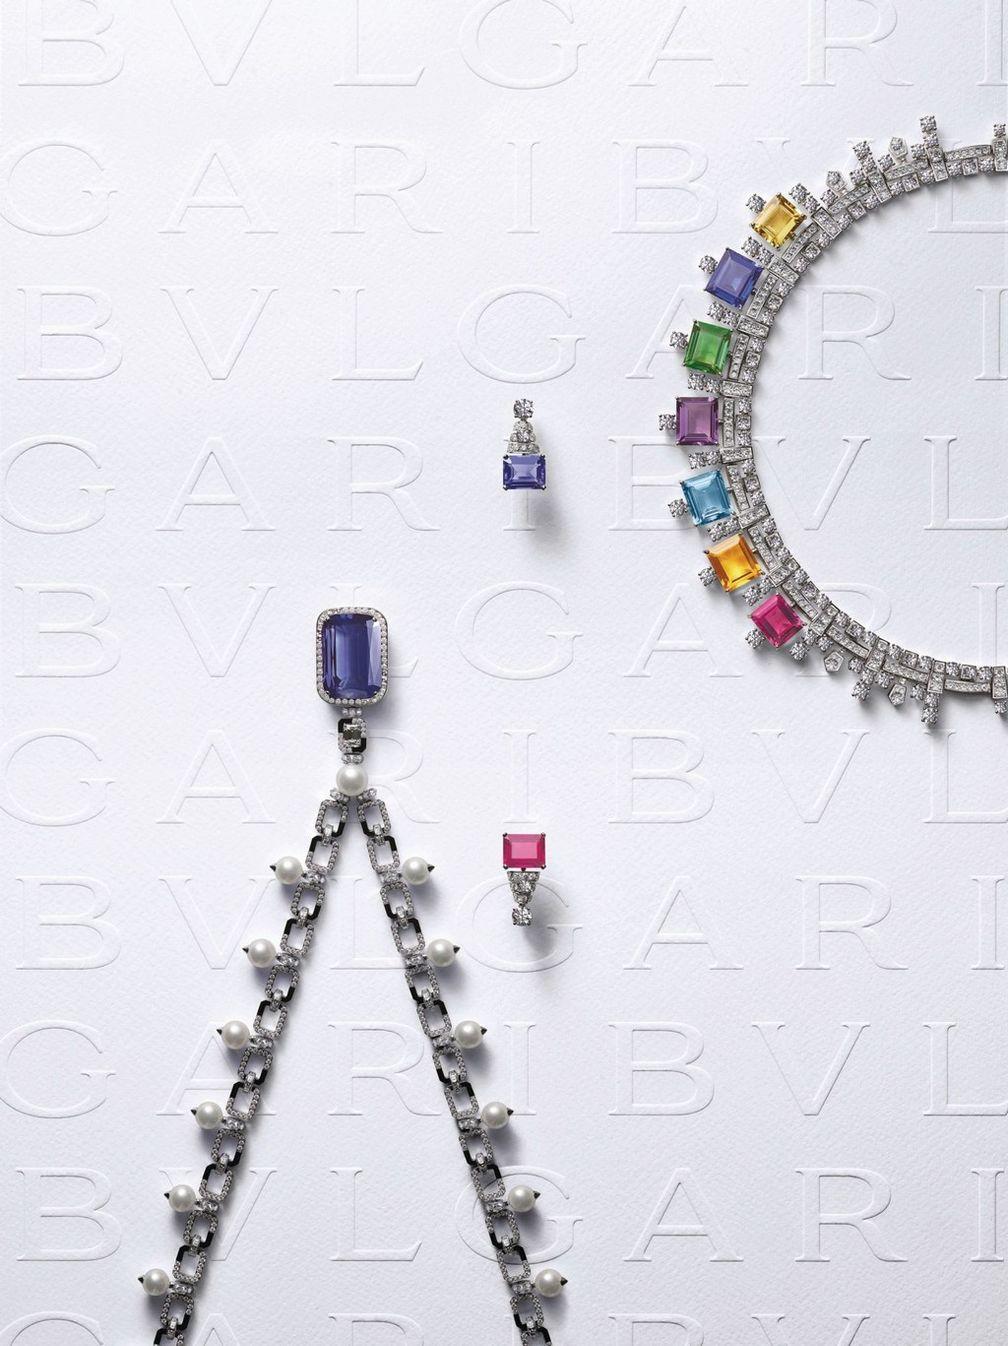 Колье с цирконом, танзанитом, жемчугом и бриллиантами; серьги с танзанитом, рубеллитом и бриллиантами; колье с рубеллитом, турмалином, аметистом, цитрином, кварцем, аквамарином, танзанитом и бриллиантами